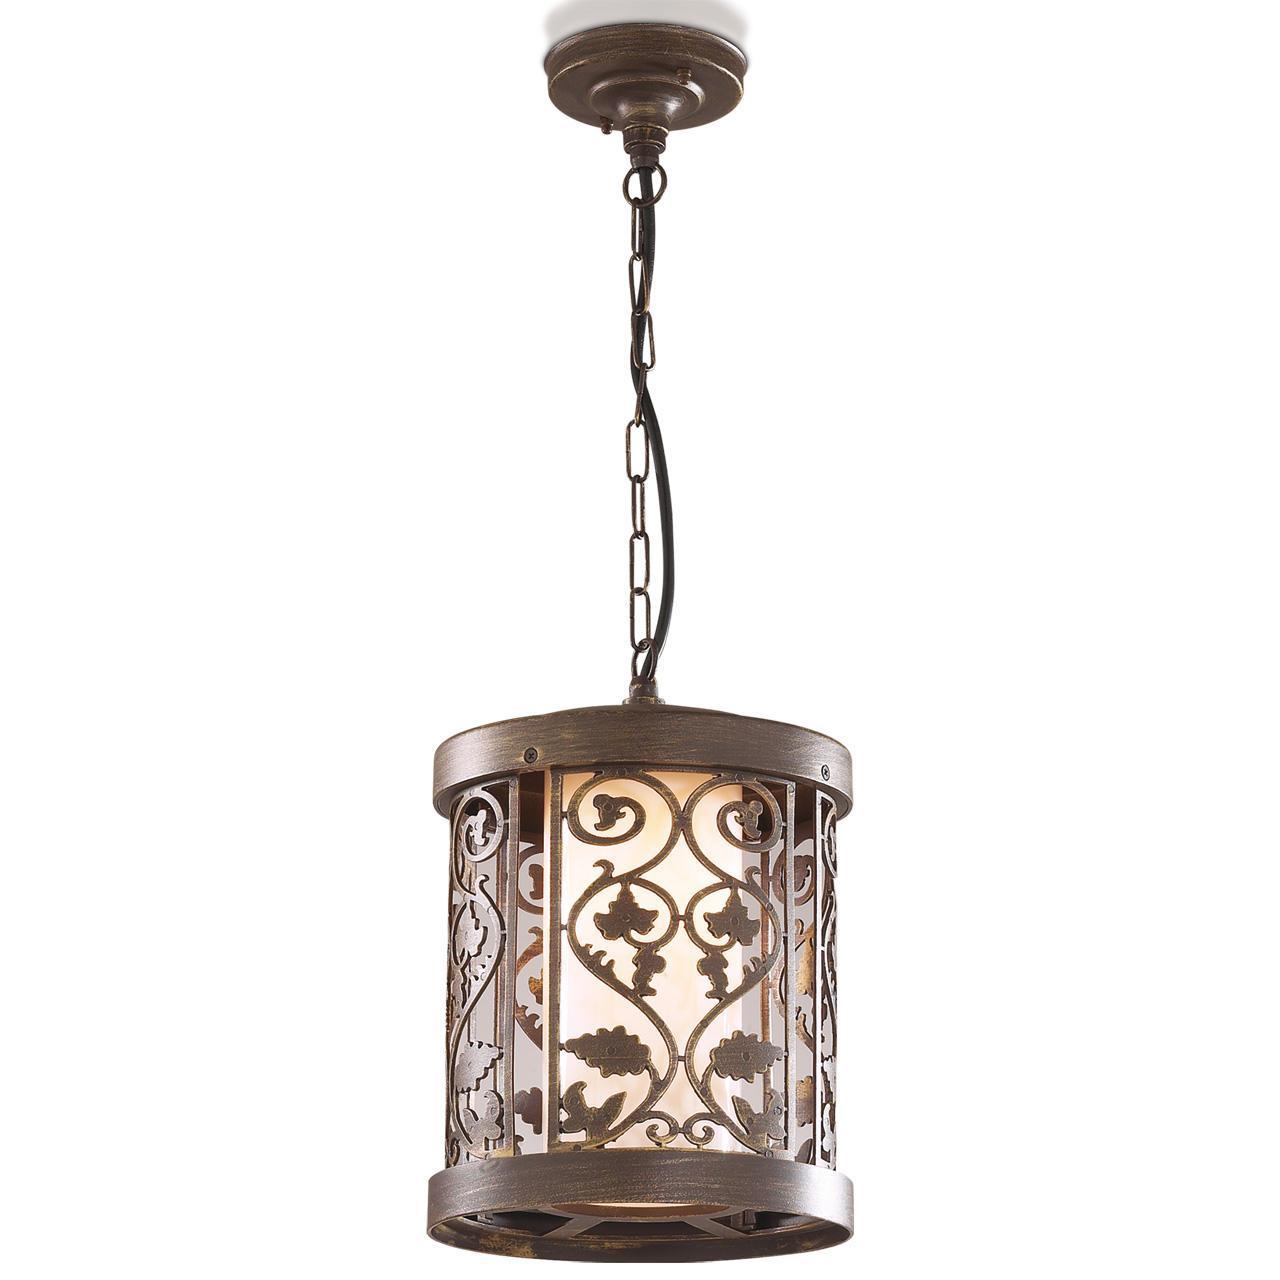 Уличный подвесной светильник Odeon Light Kordi 2286/1 уличный настенный светильник odeon light kordi 2286 1w